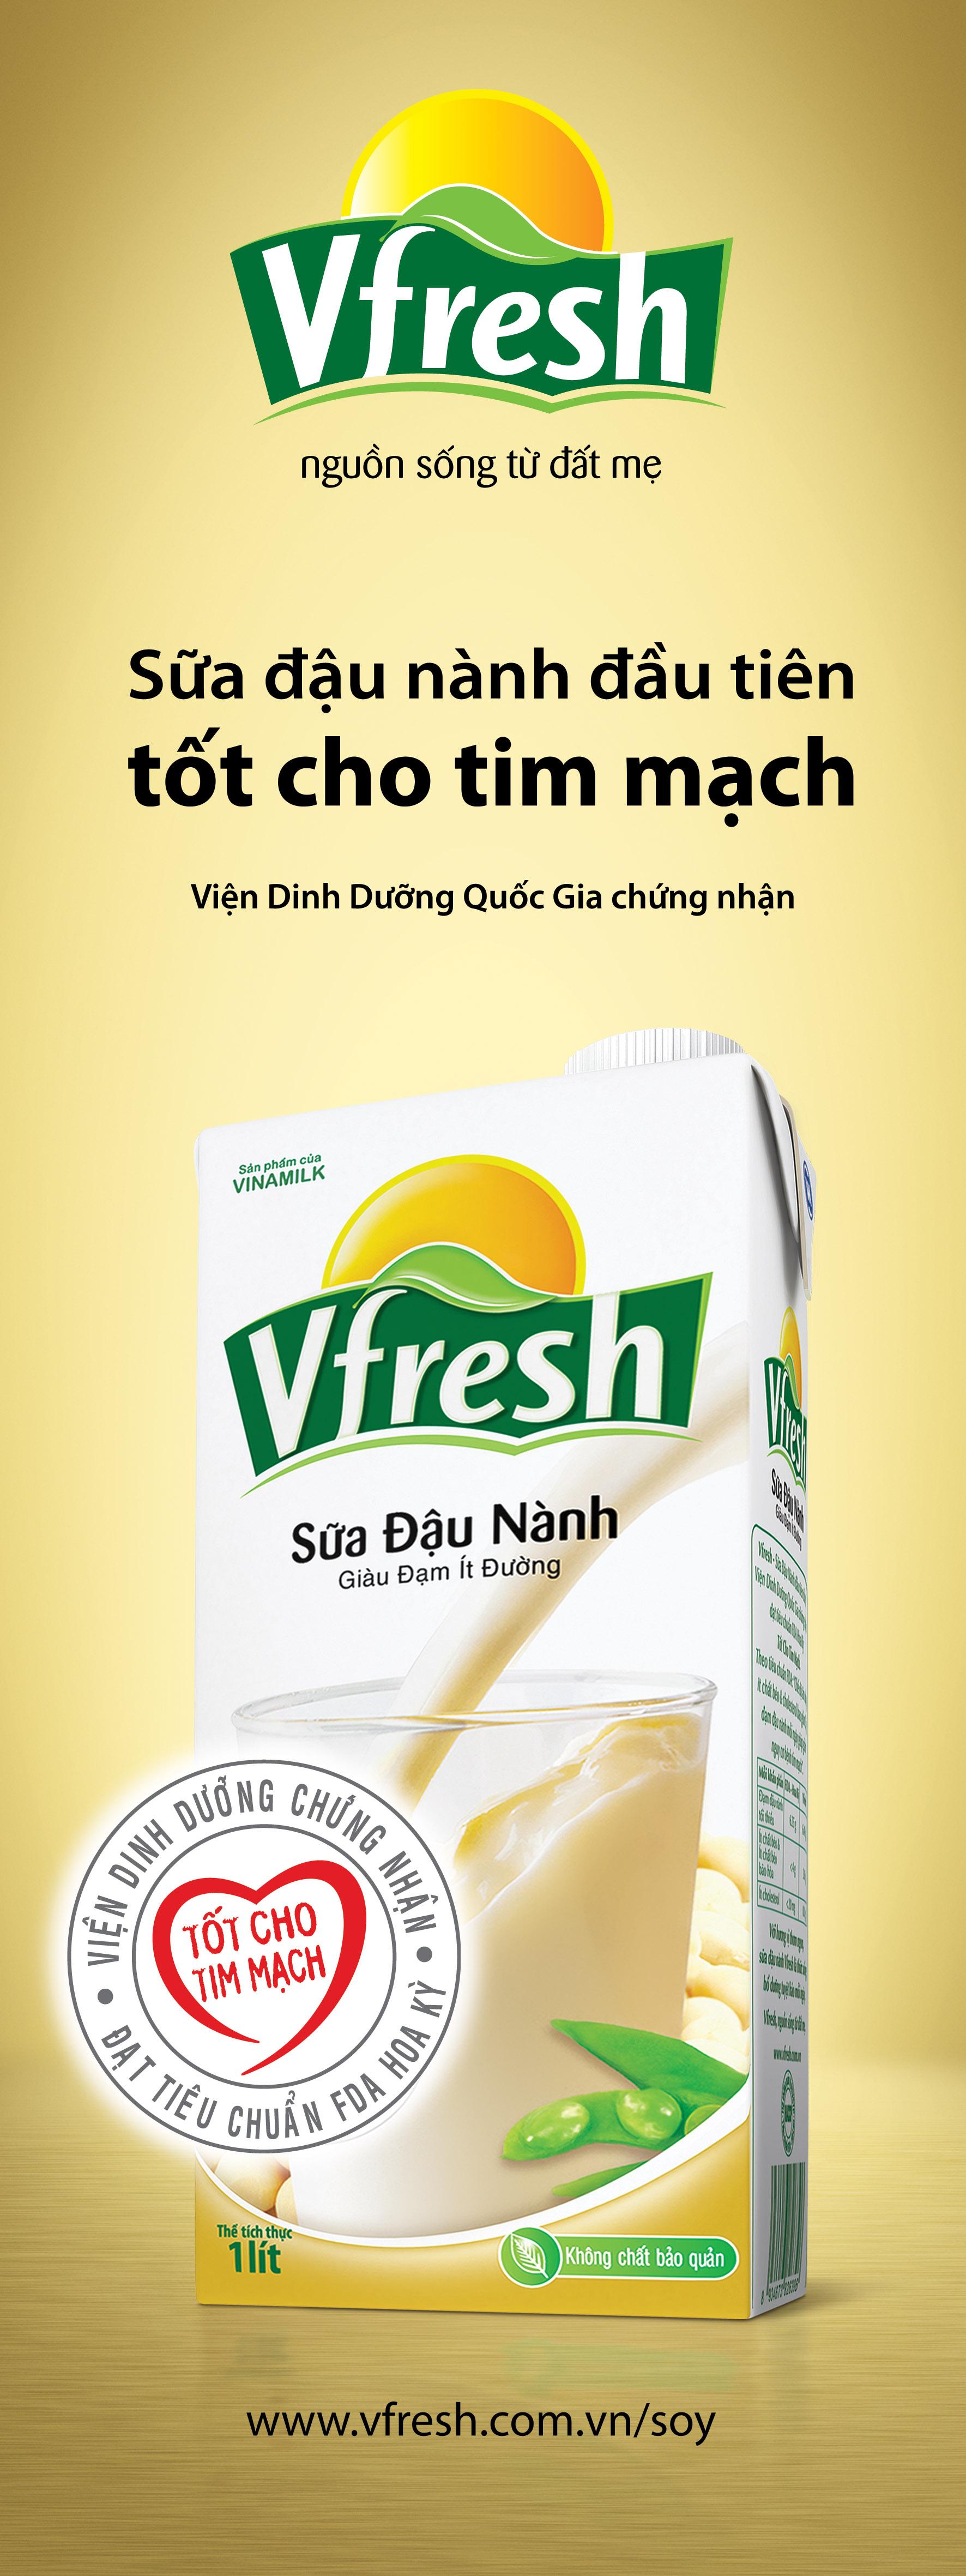 Booth Vfresh - Vinamilk by Ngoc Quy Nguyen at Coroflot.com